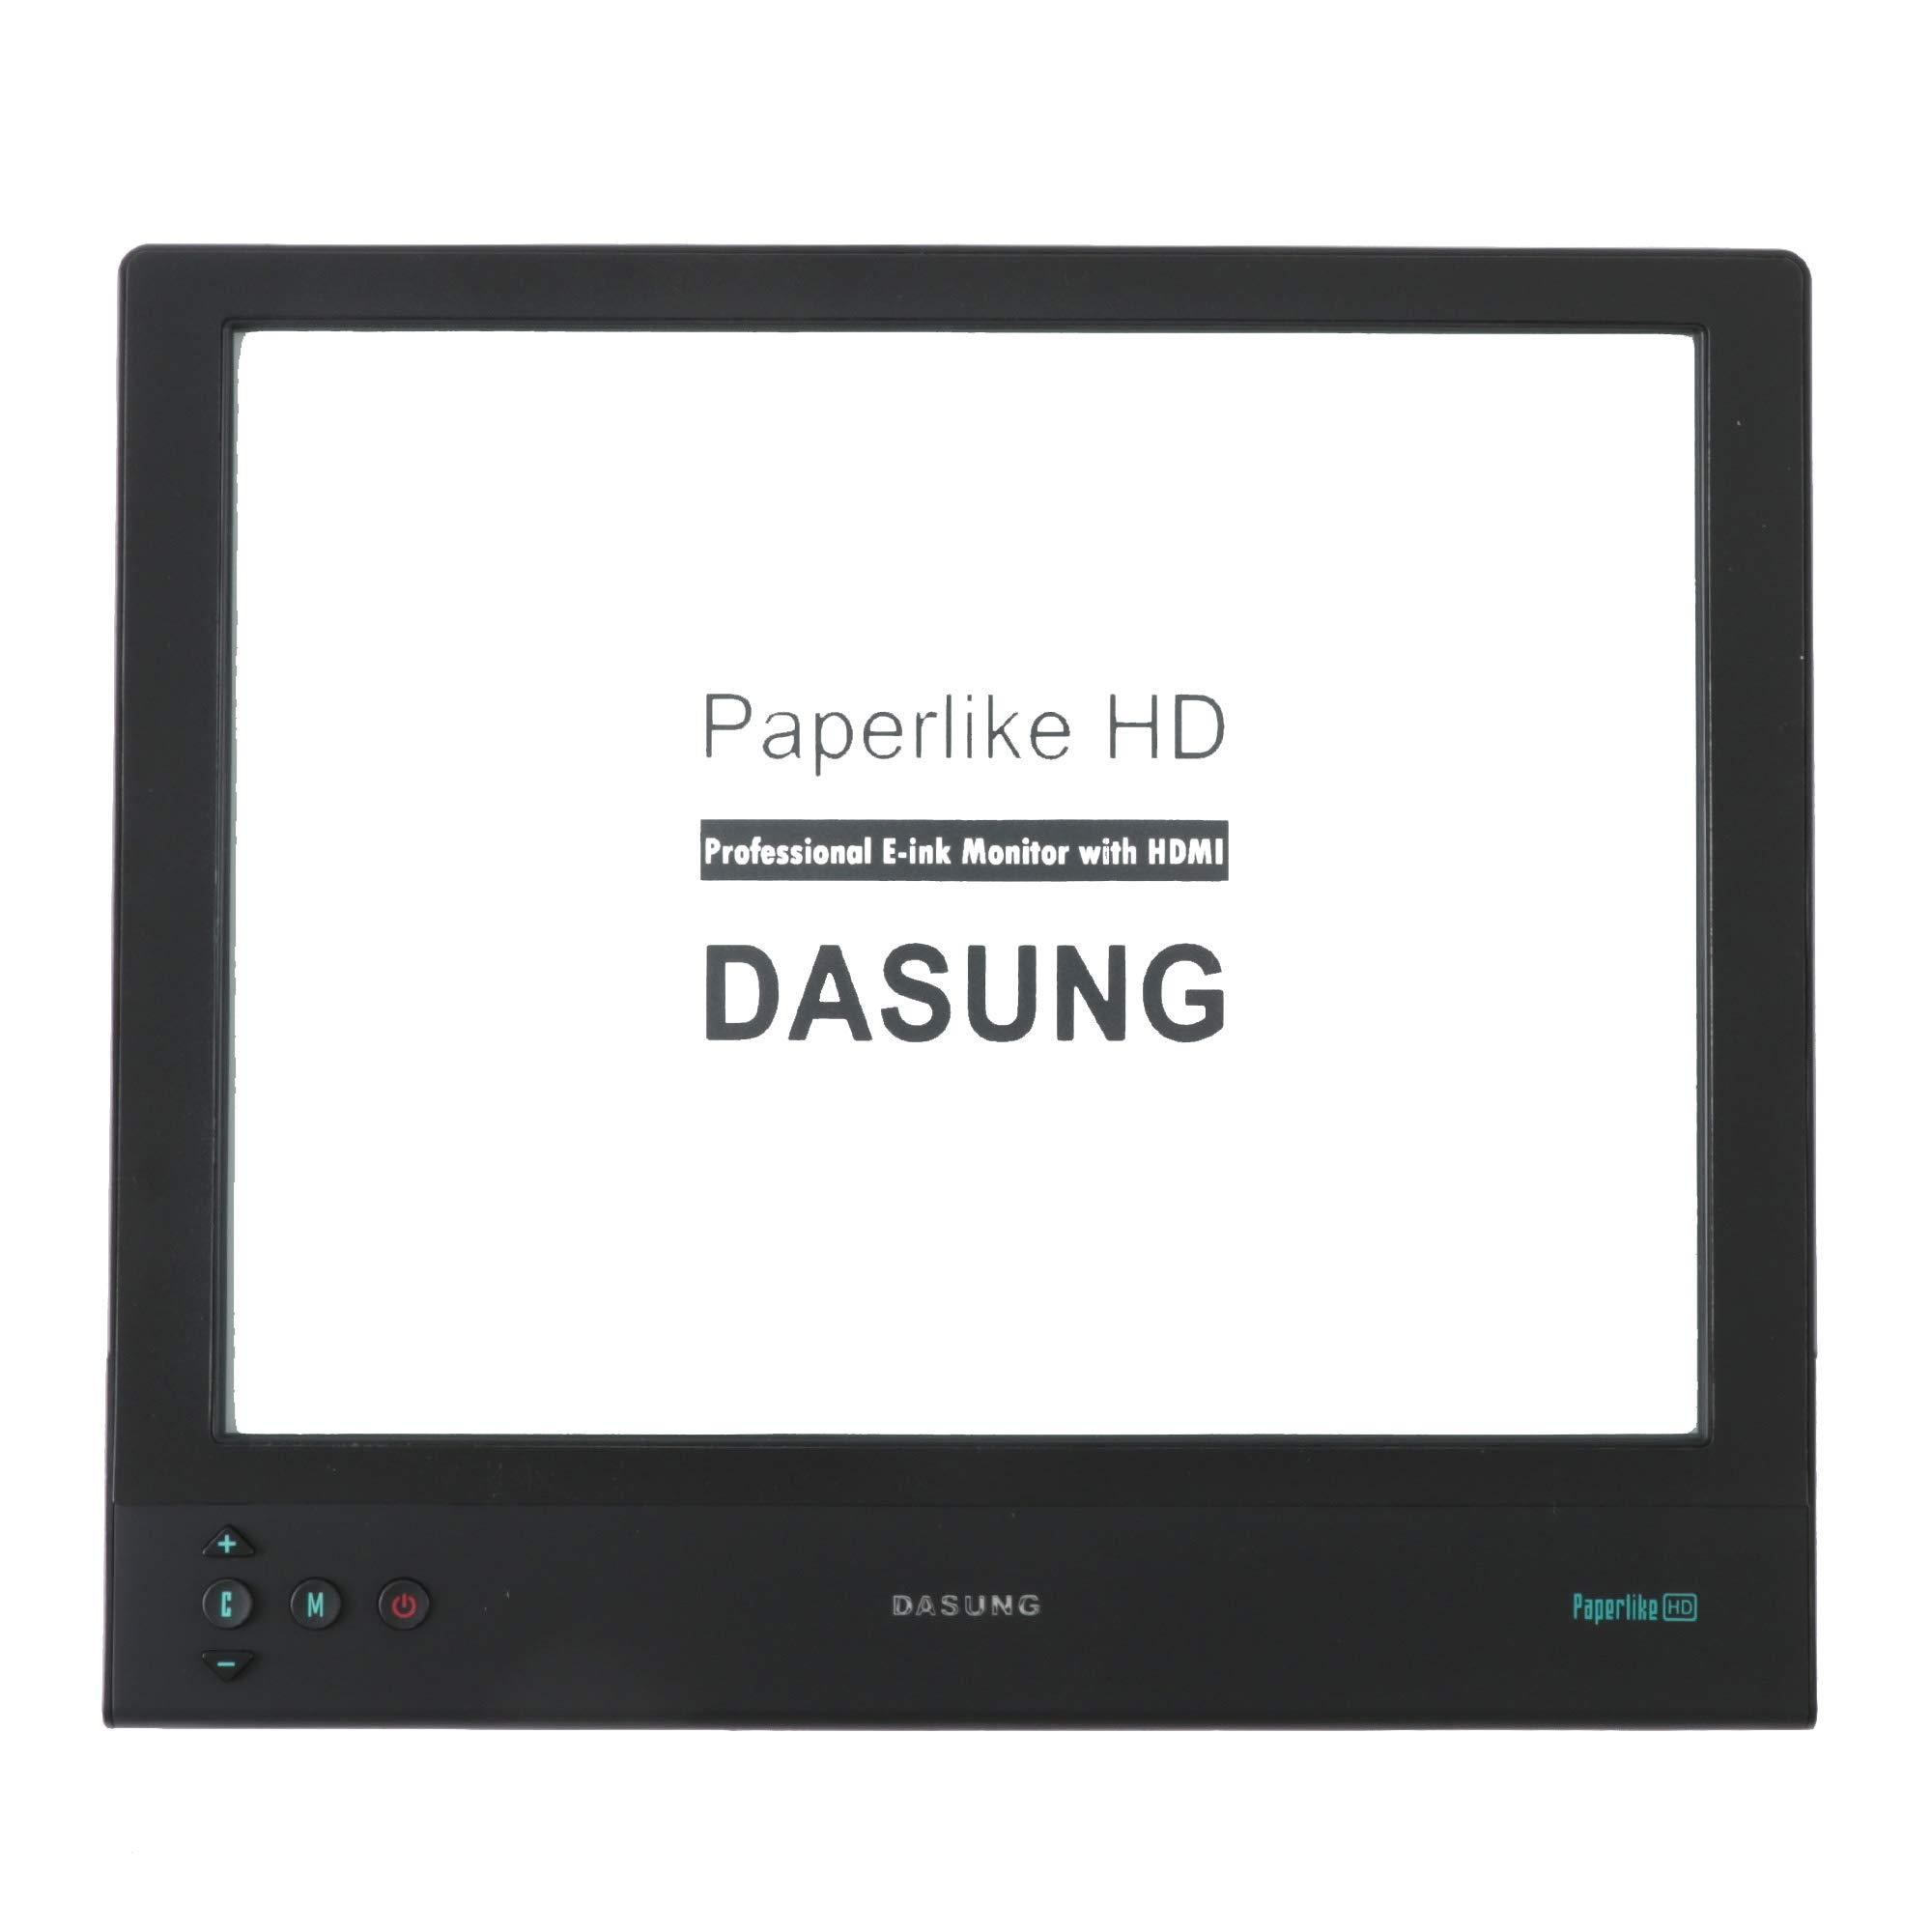 Papelike HD